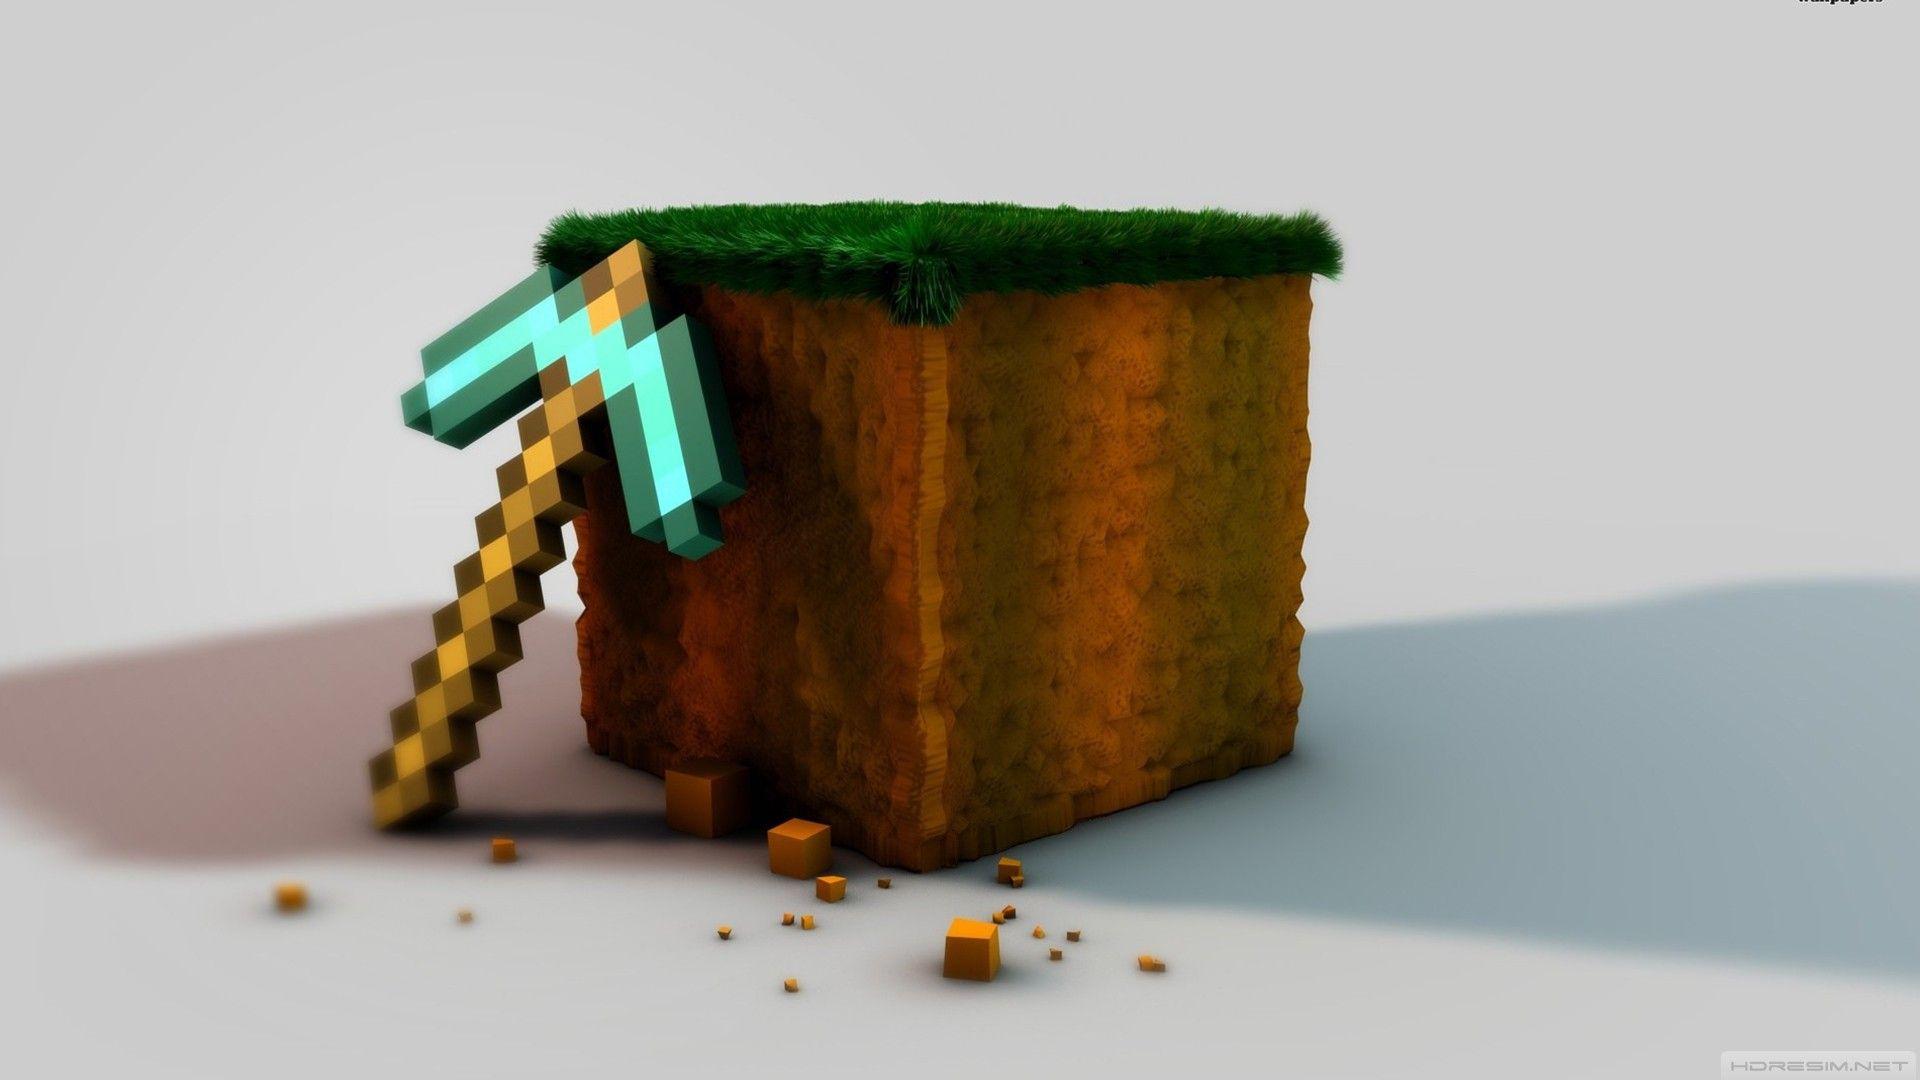 Top Wallpaper Minecraft Abstract - ec74c65a7cf4d0b45f2b29de13c19c84  Picture_197063.jpg